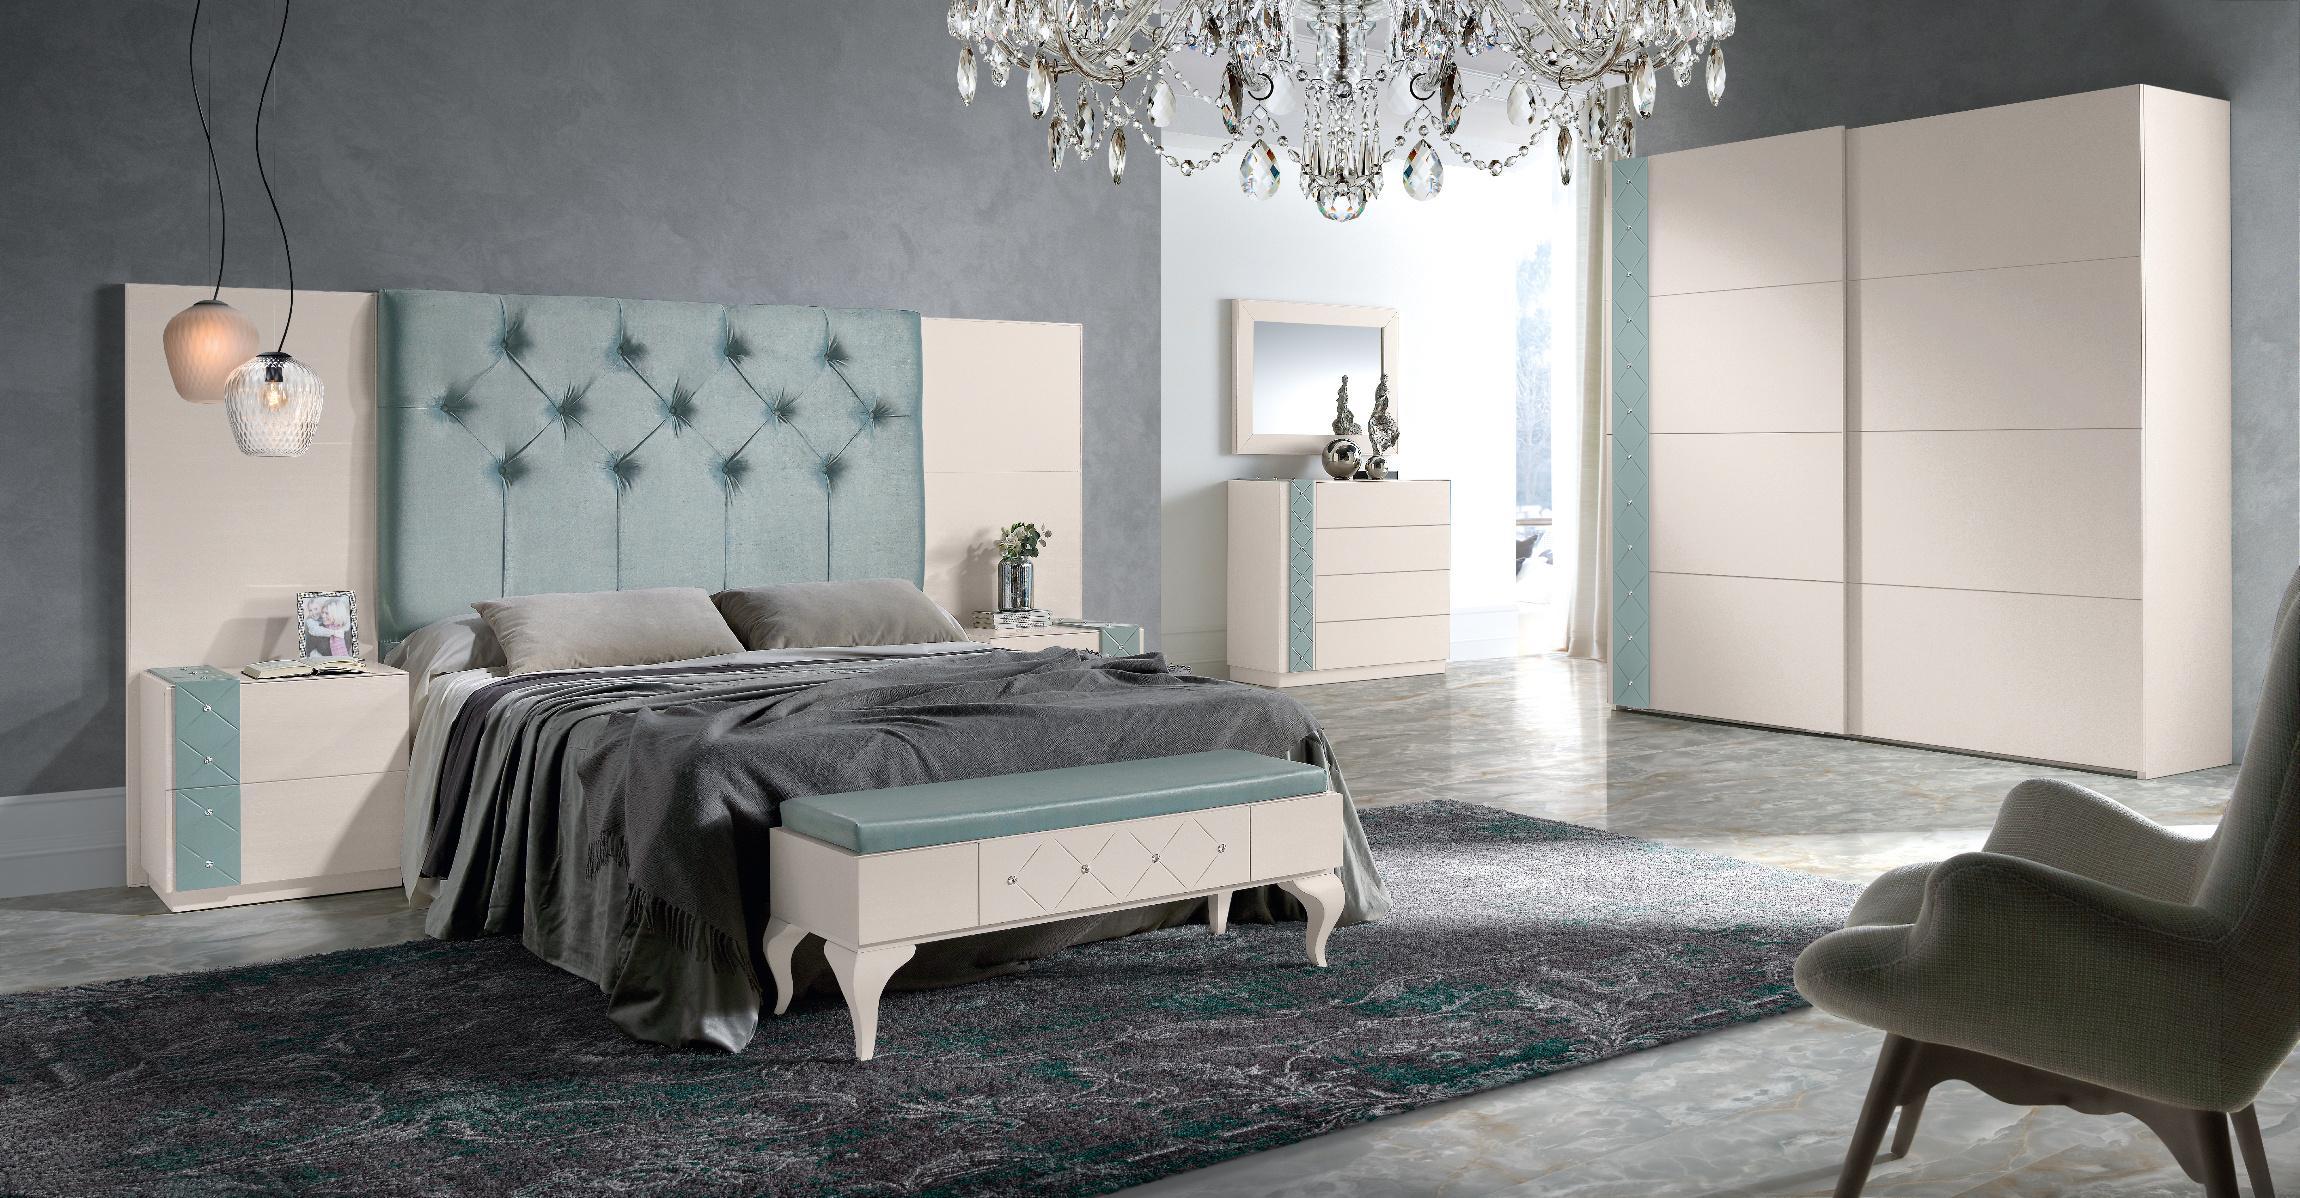 Tiendas de muebles jaen simple muebles de cocina segunda for Muebles baratos en girona